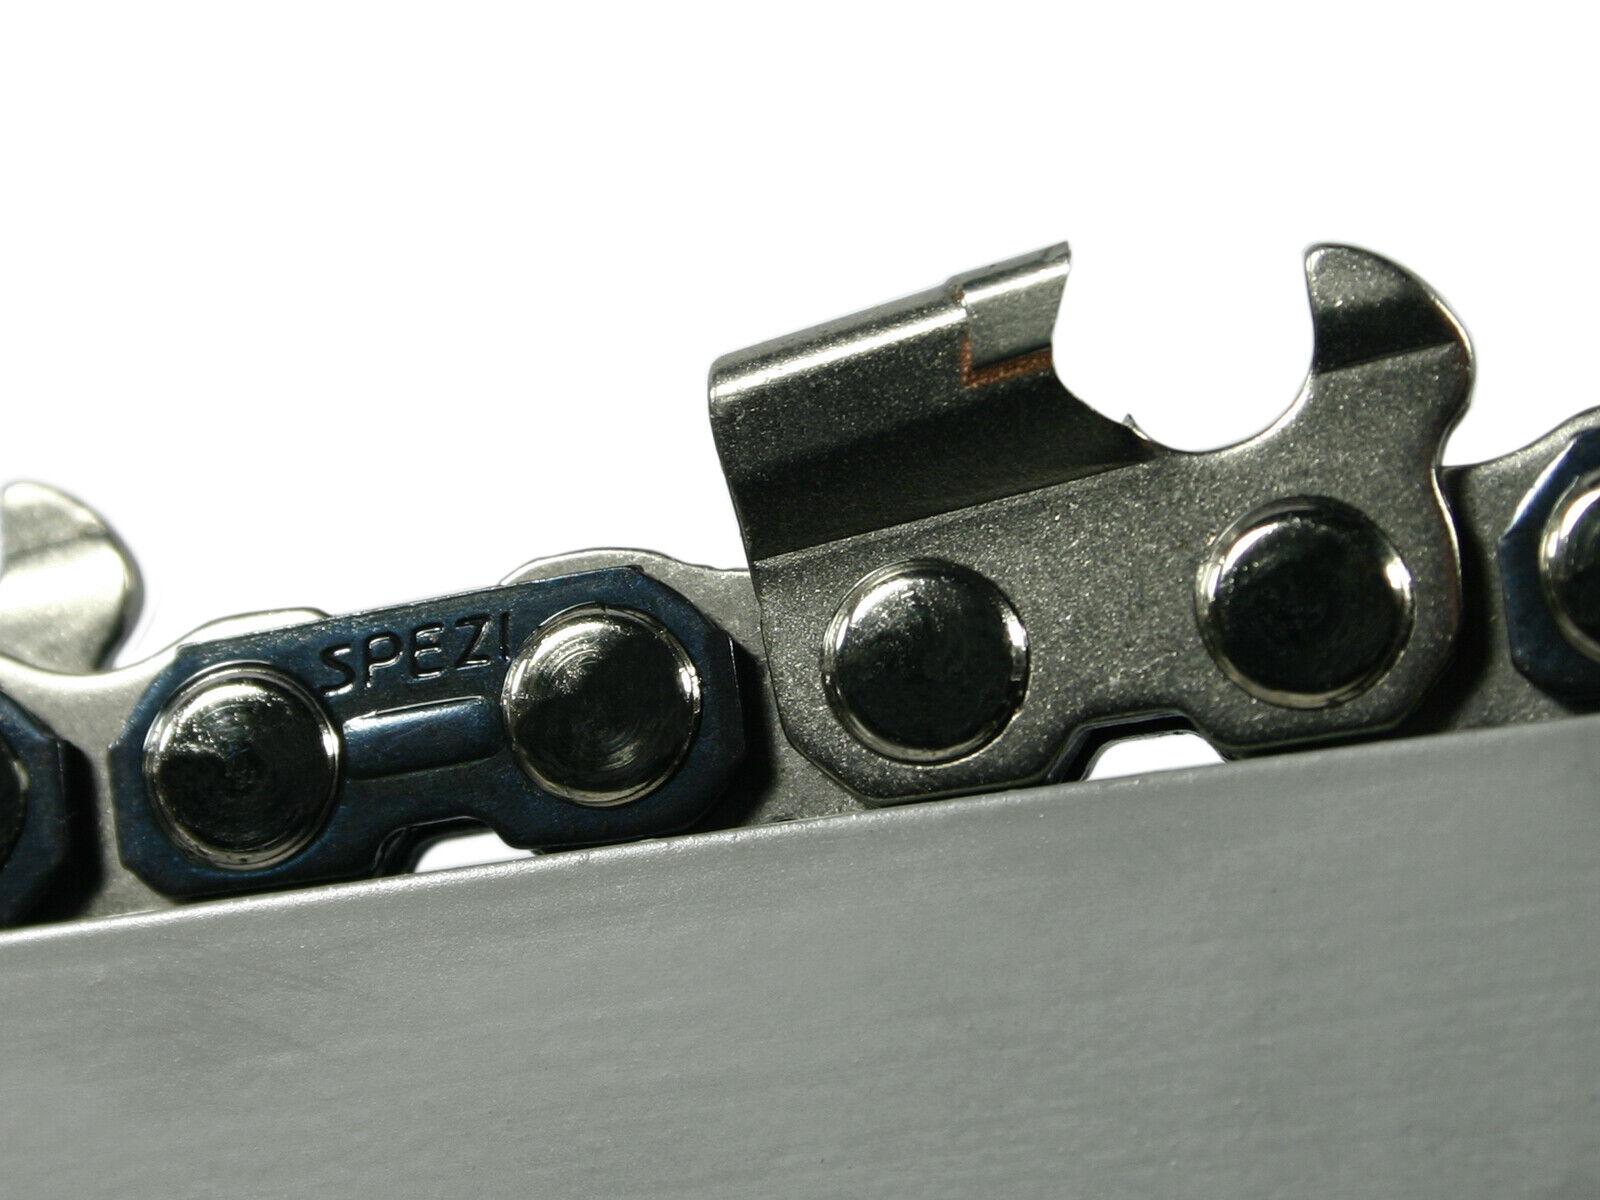 Metal duro para sierra cadena compatible con solo 690 55 cm 3 8  76tg 1,5mm Chain Cochebide